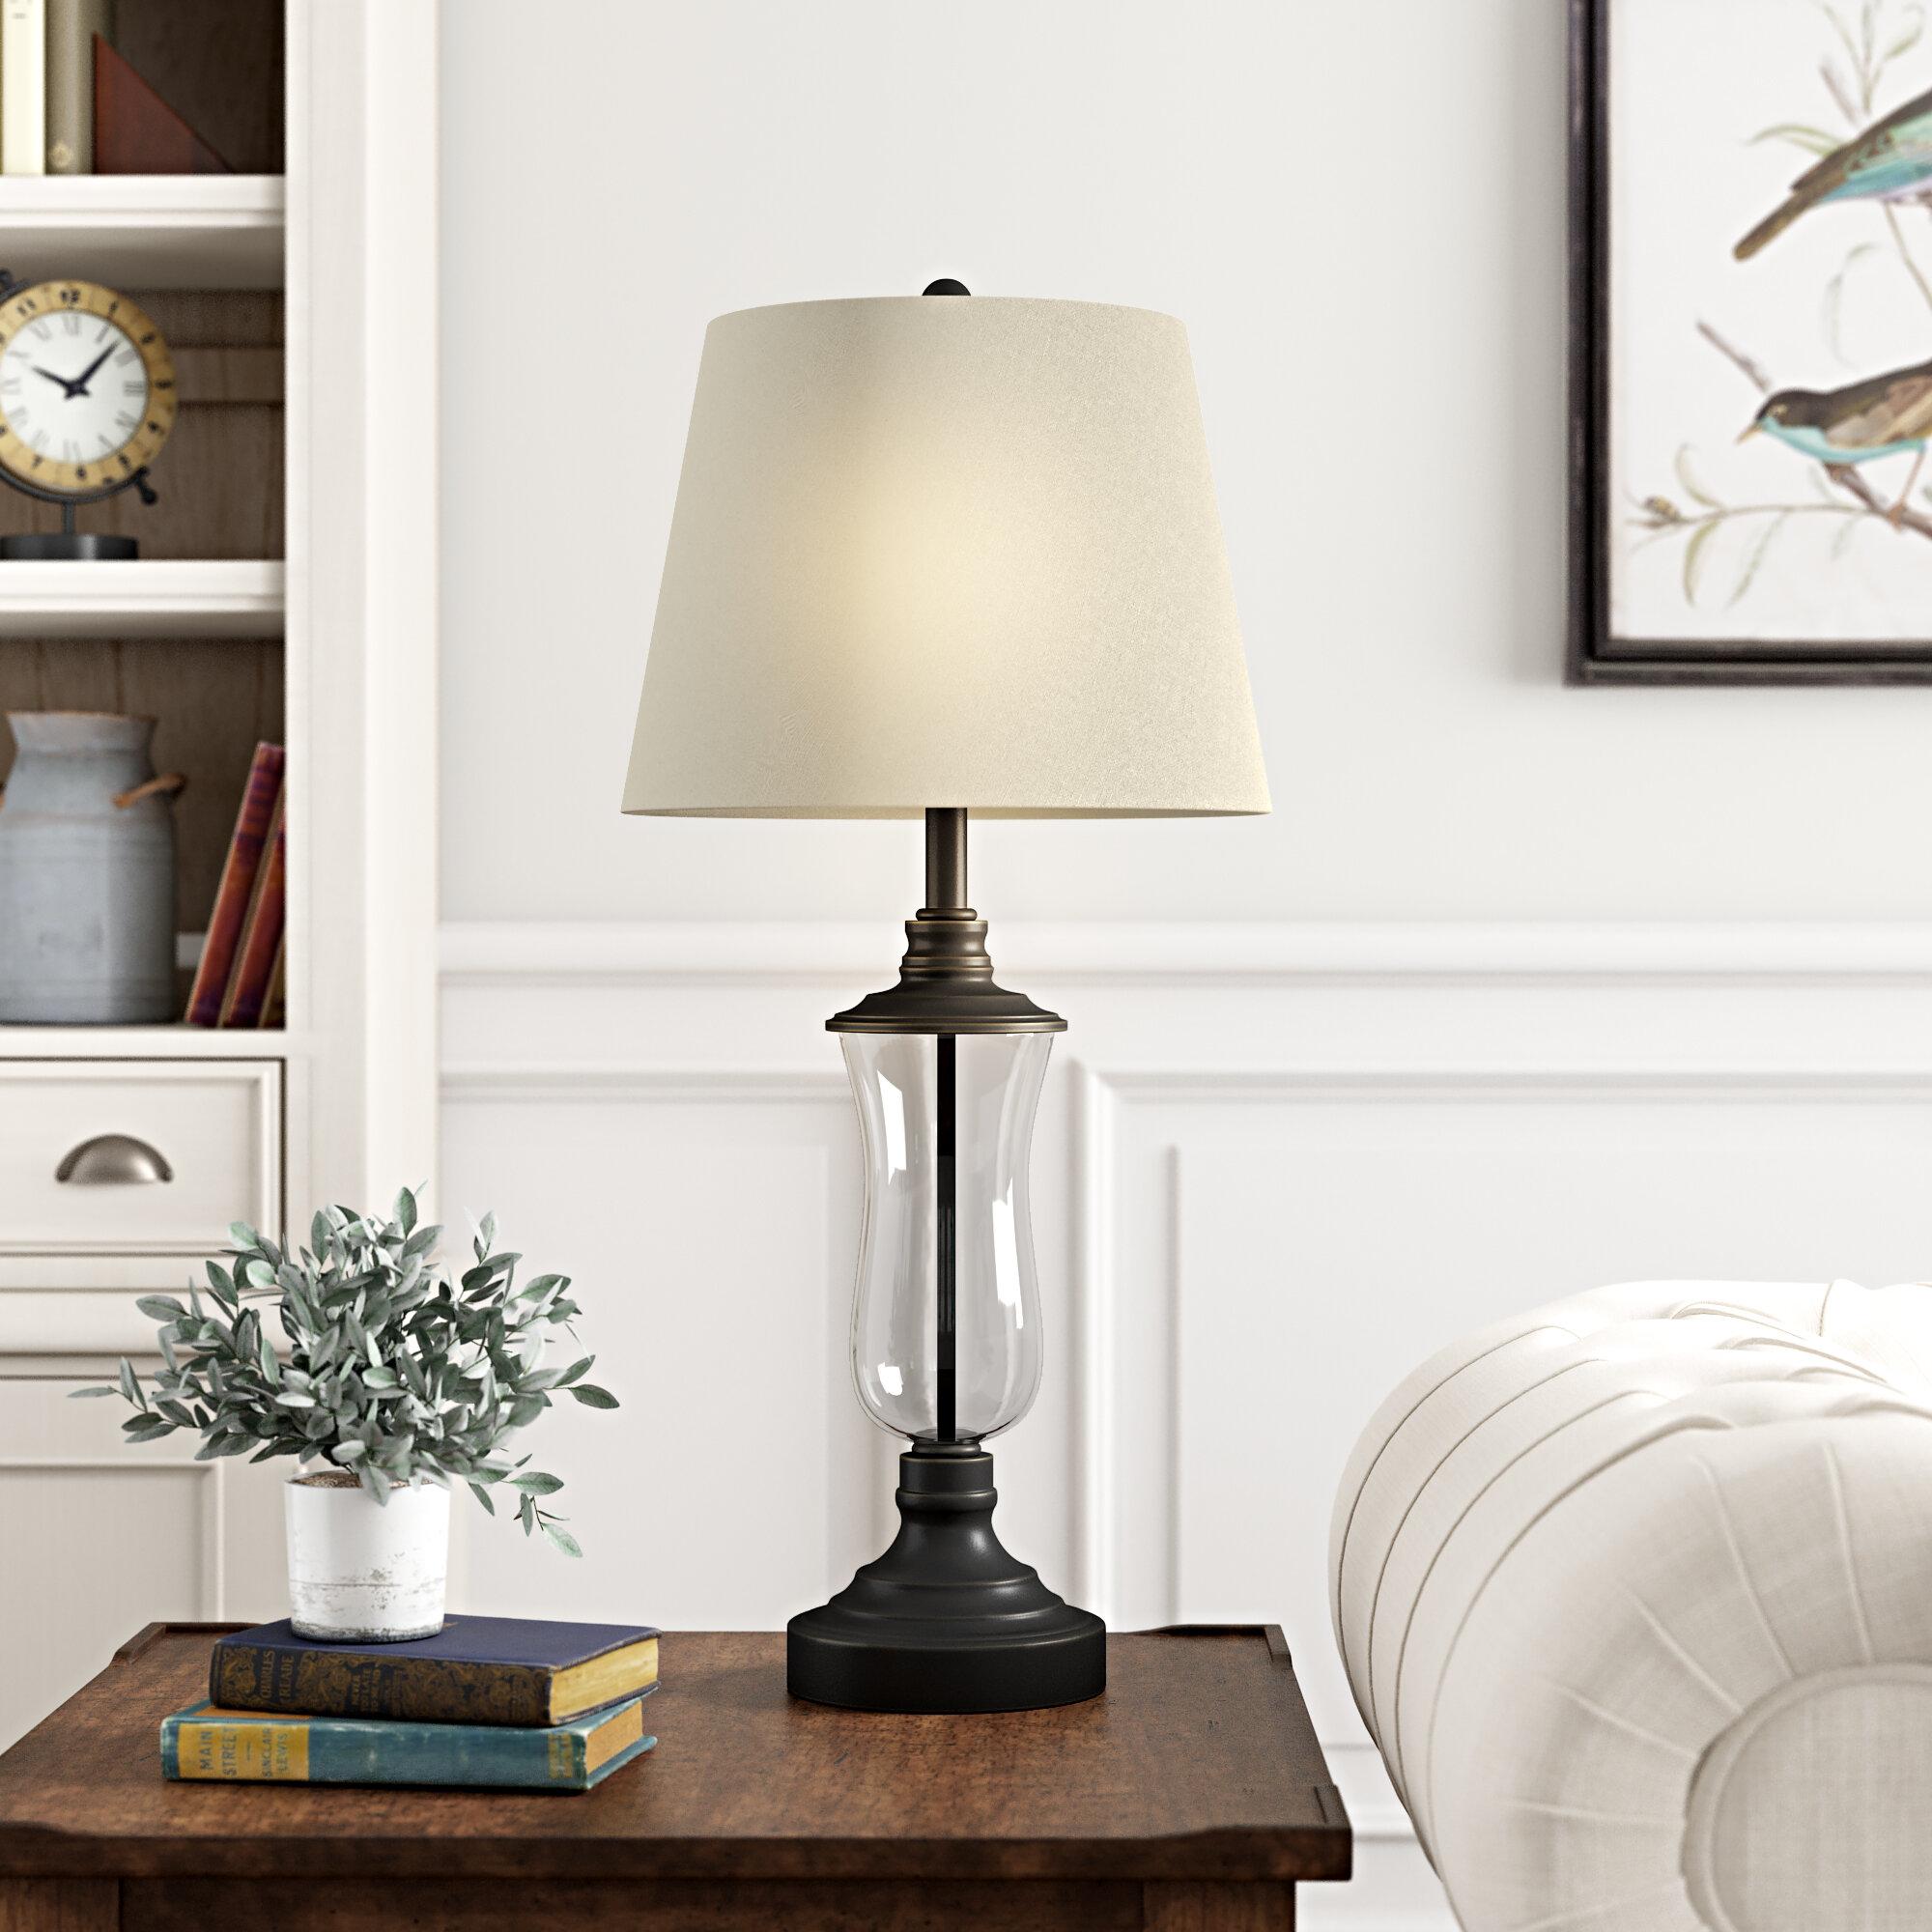 Corley 30 Table Lamp Set Reviews Birch Lane